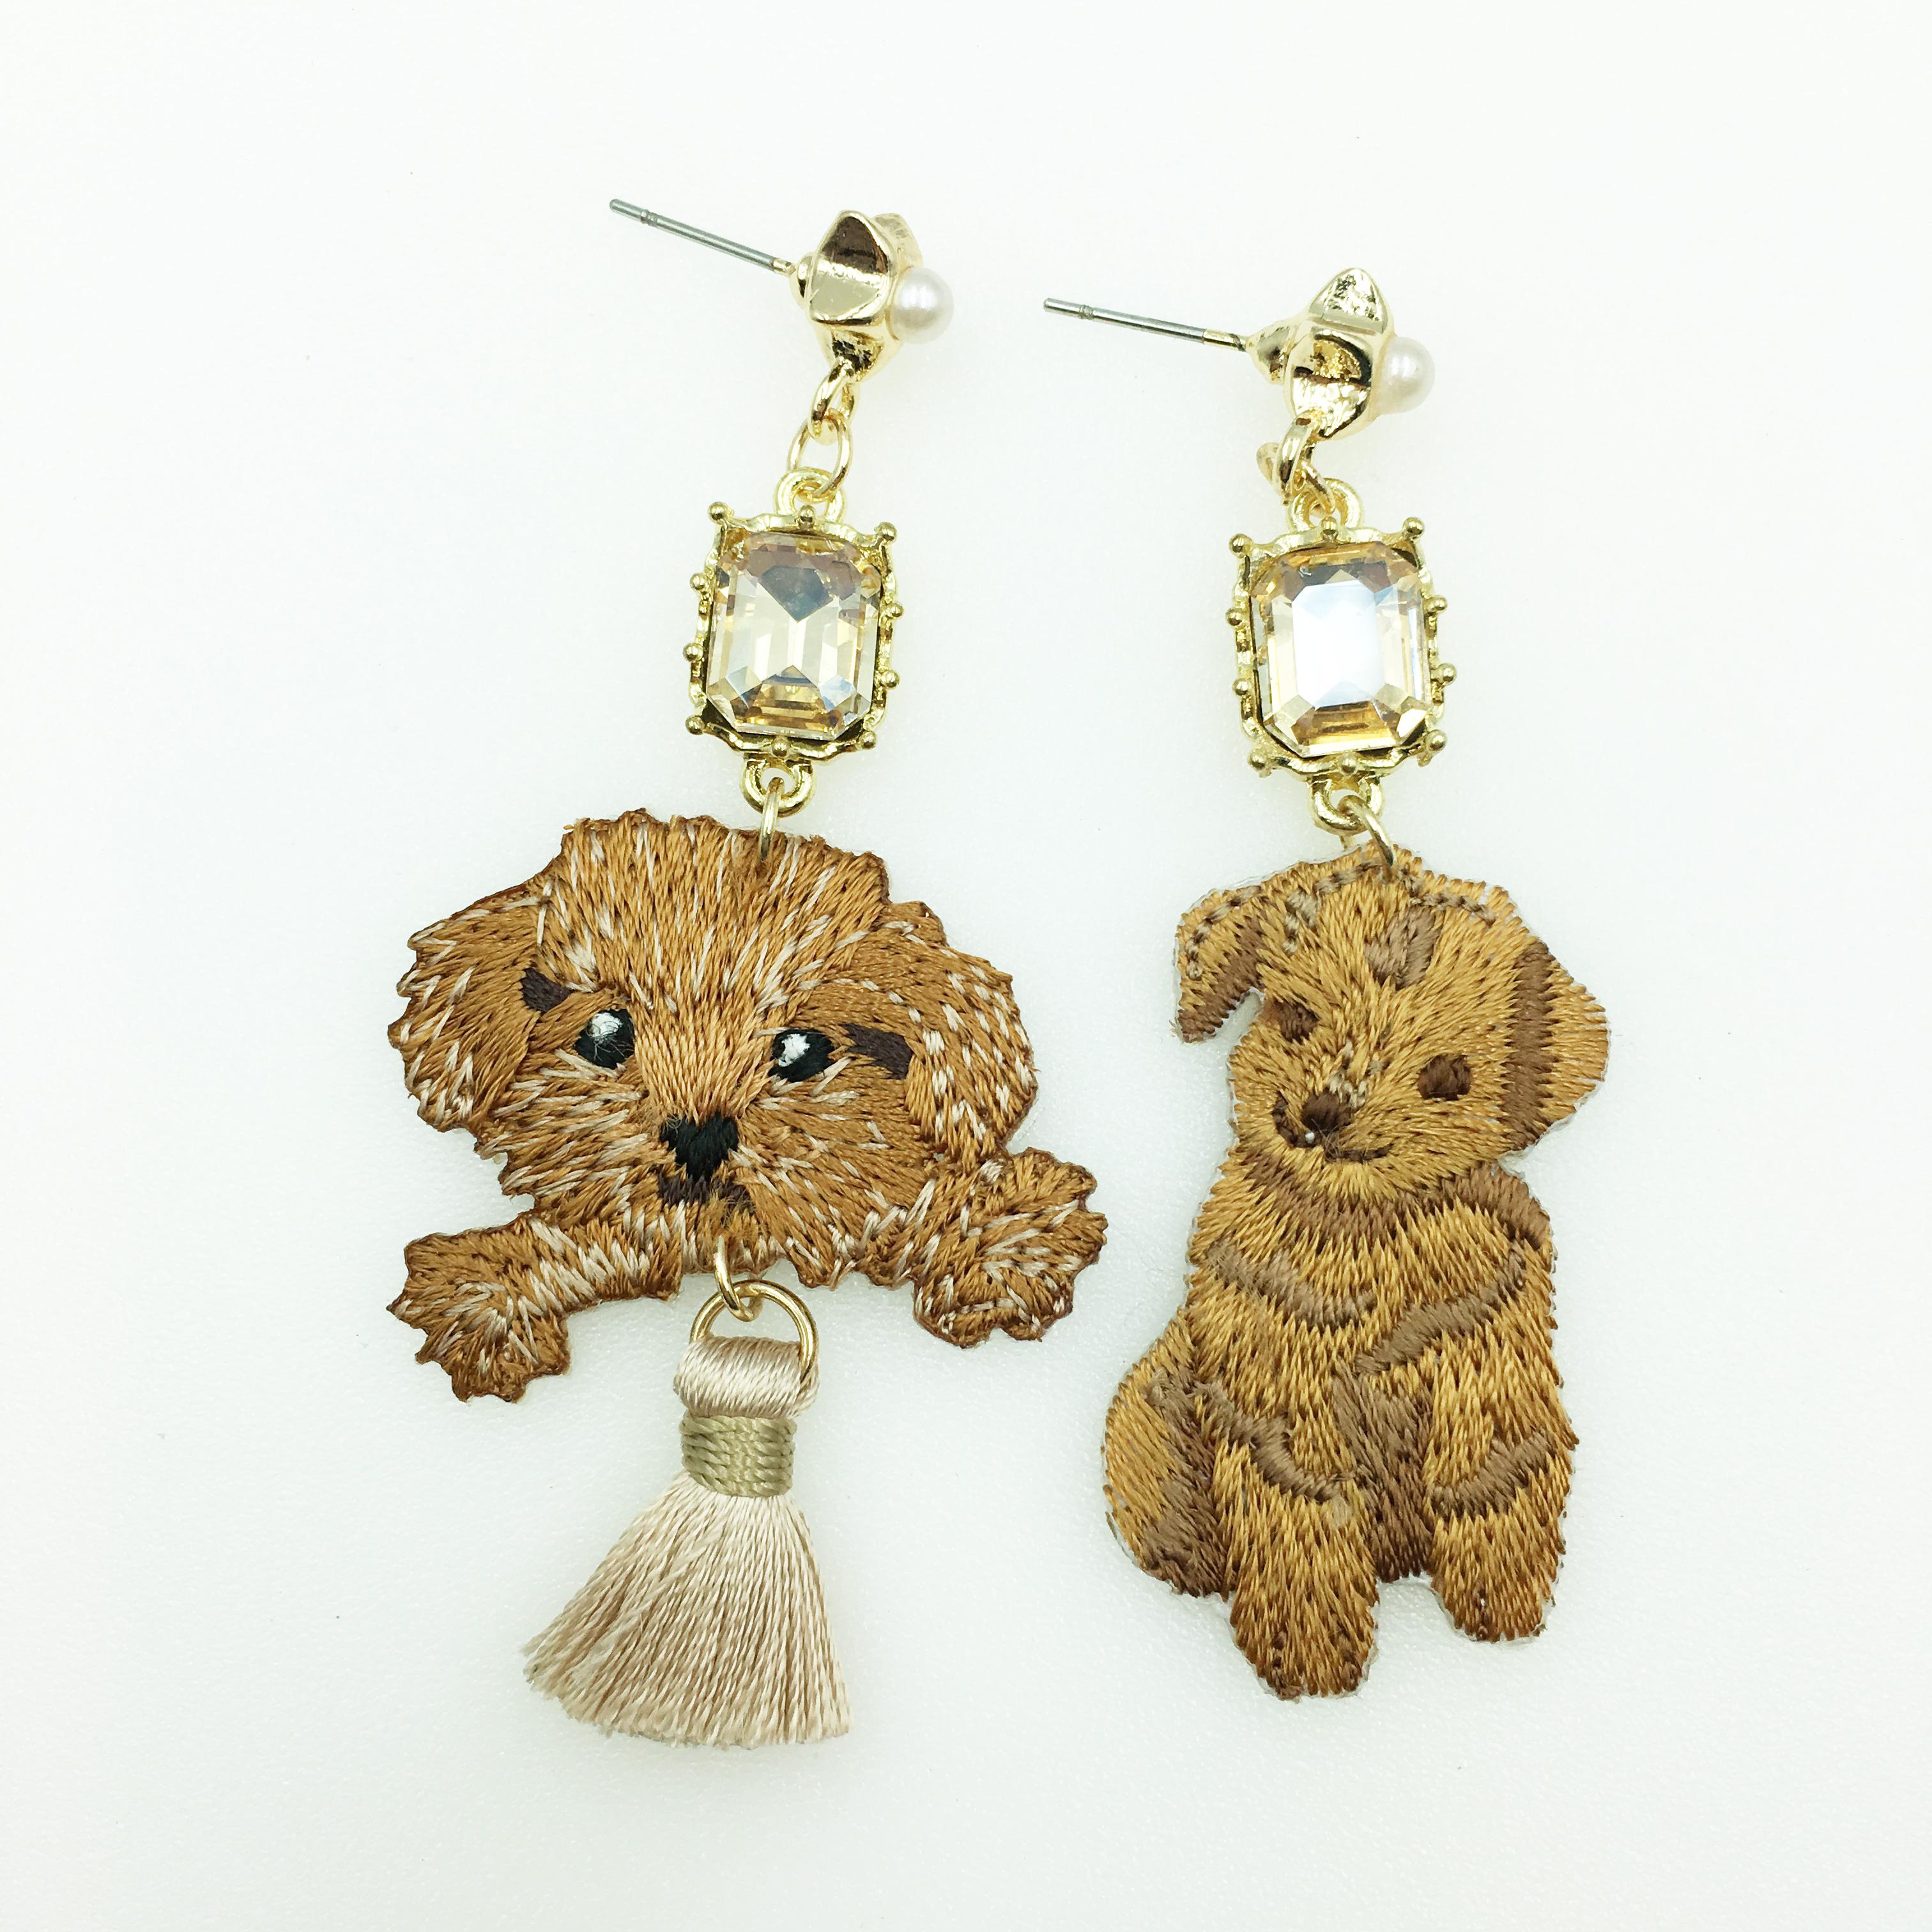 韓國 貴賓狗 不對稱 水鑽 星星珍珠 燙布貼 流蘇 垂墜感 耳針式耳環